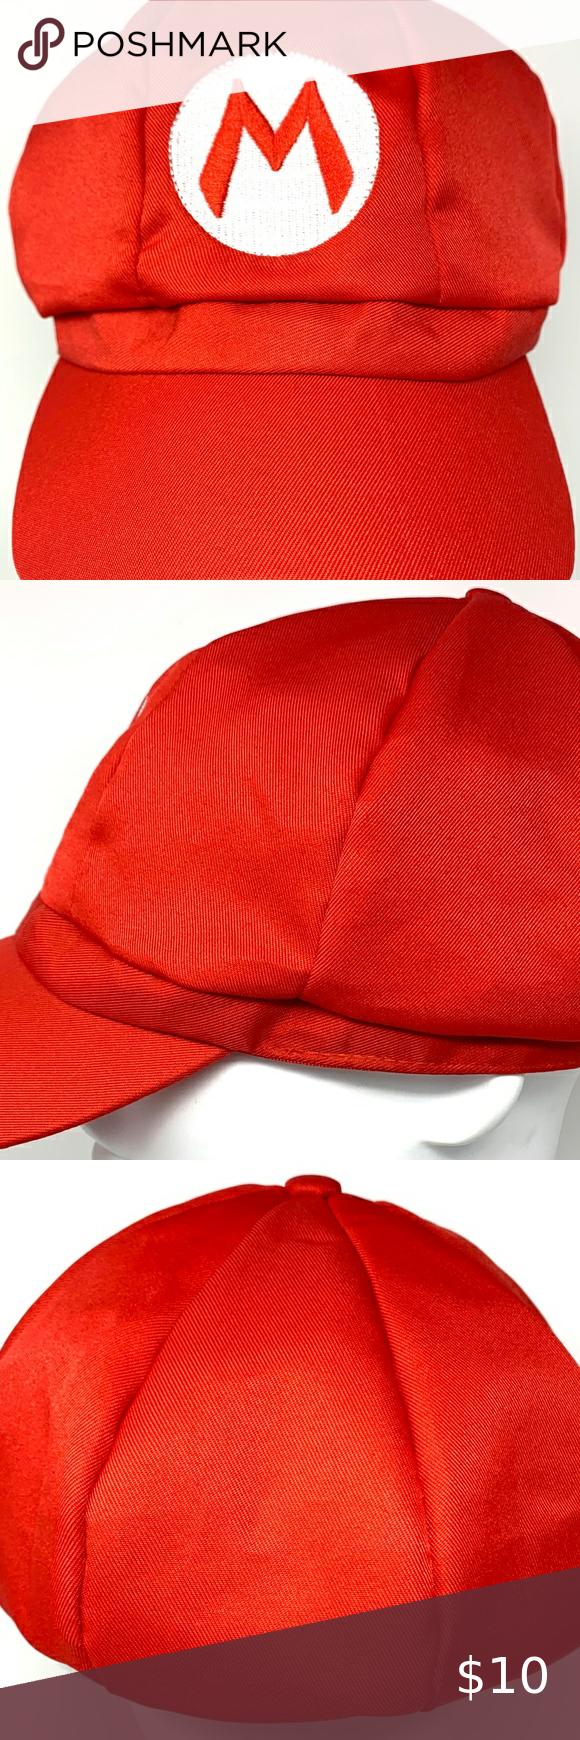 Super Mario Brothers Mario Red Hat Super Mario Brothers Mario Brothers Red Hats